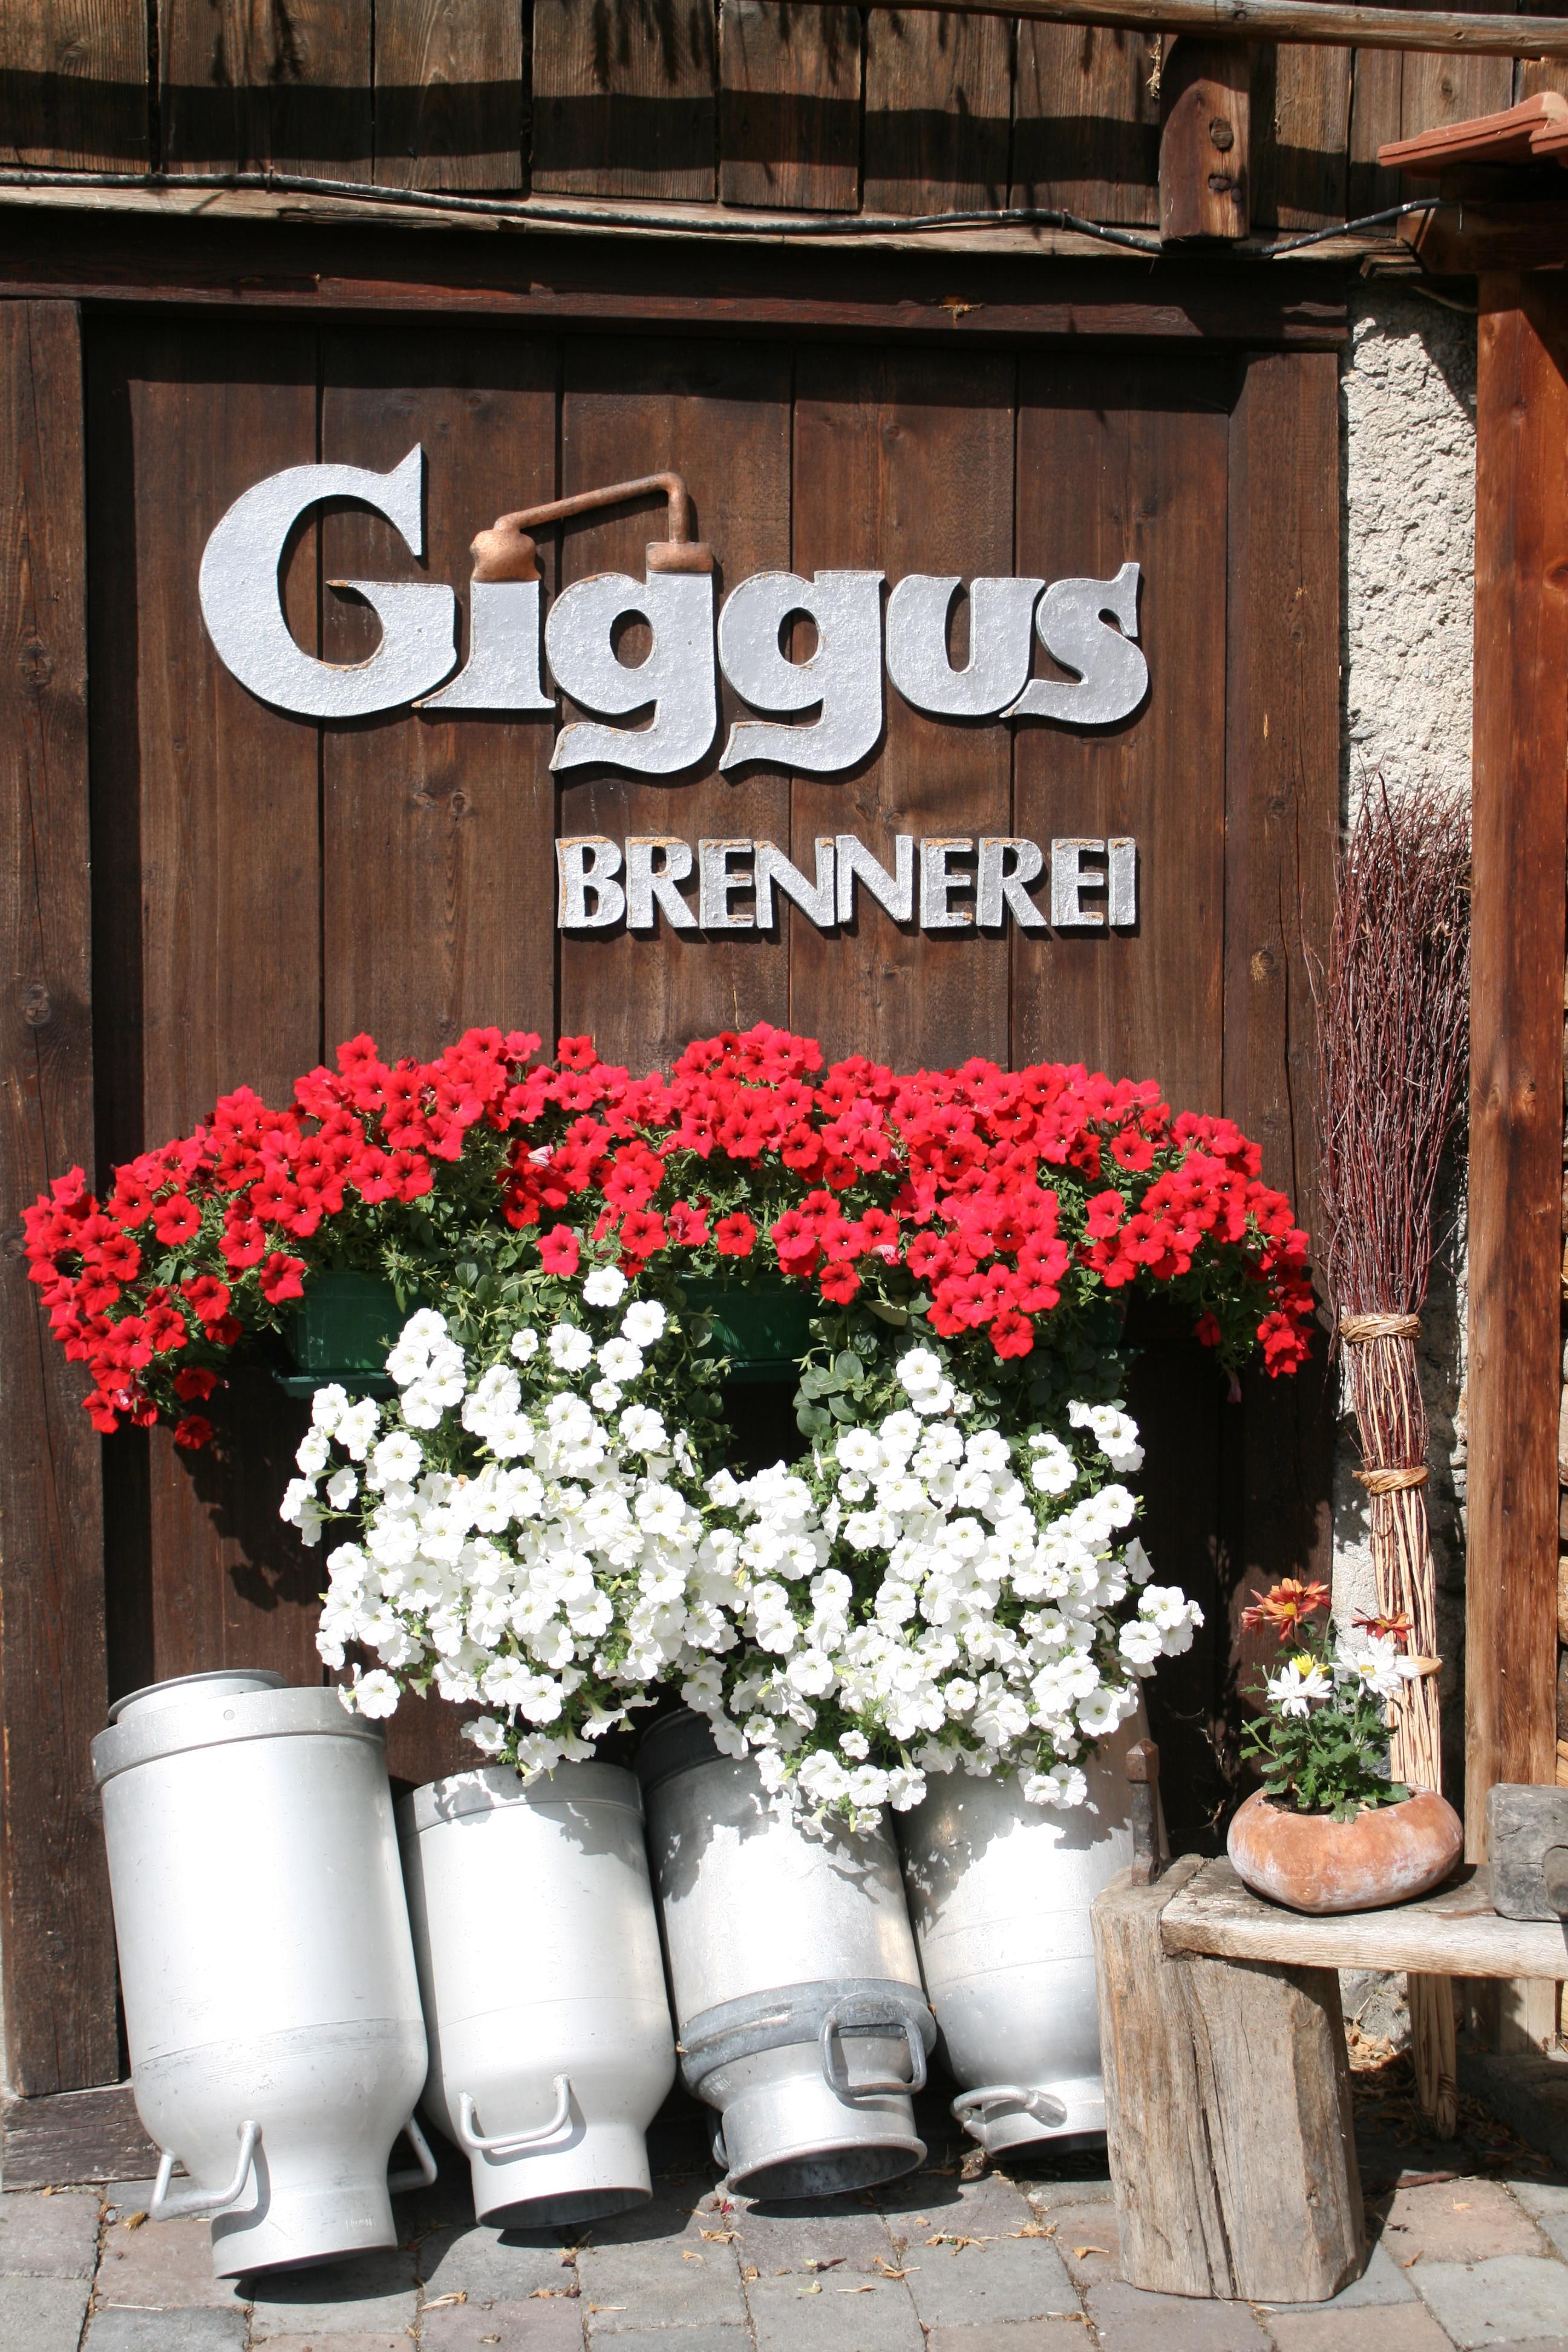 Giggus Brennerei